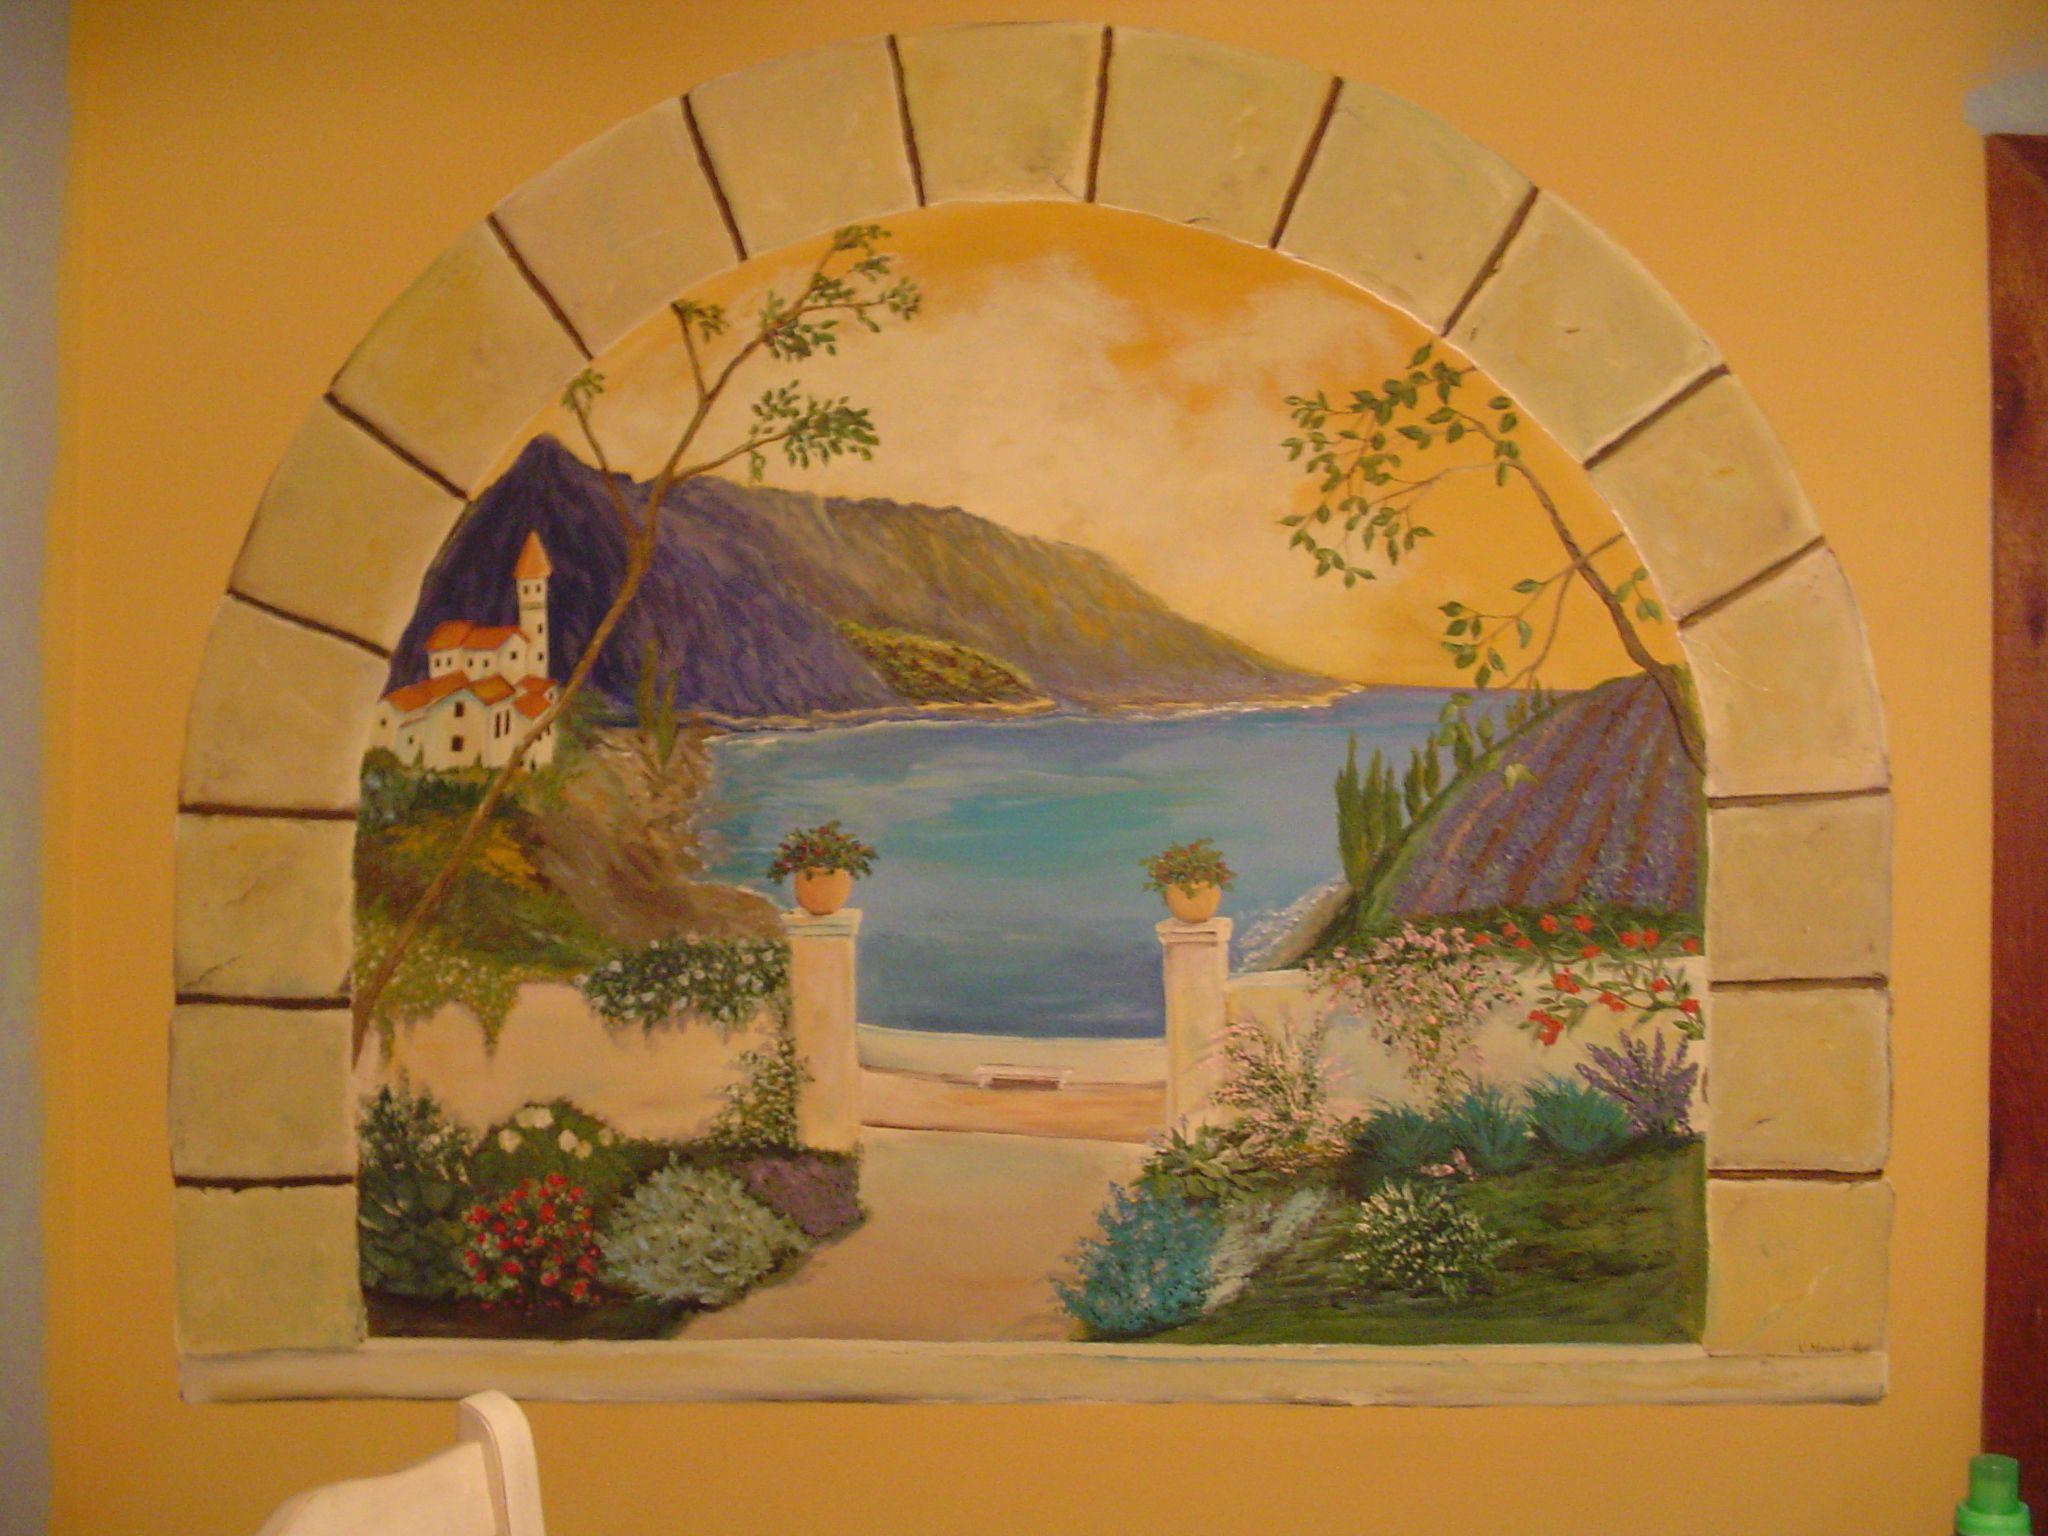 italian wall mural home decor that i love pinterest mediterranean arch mural